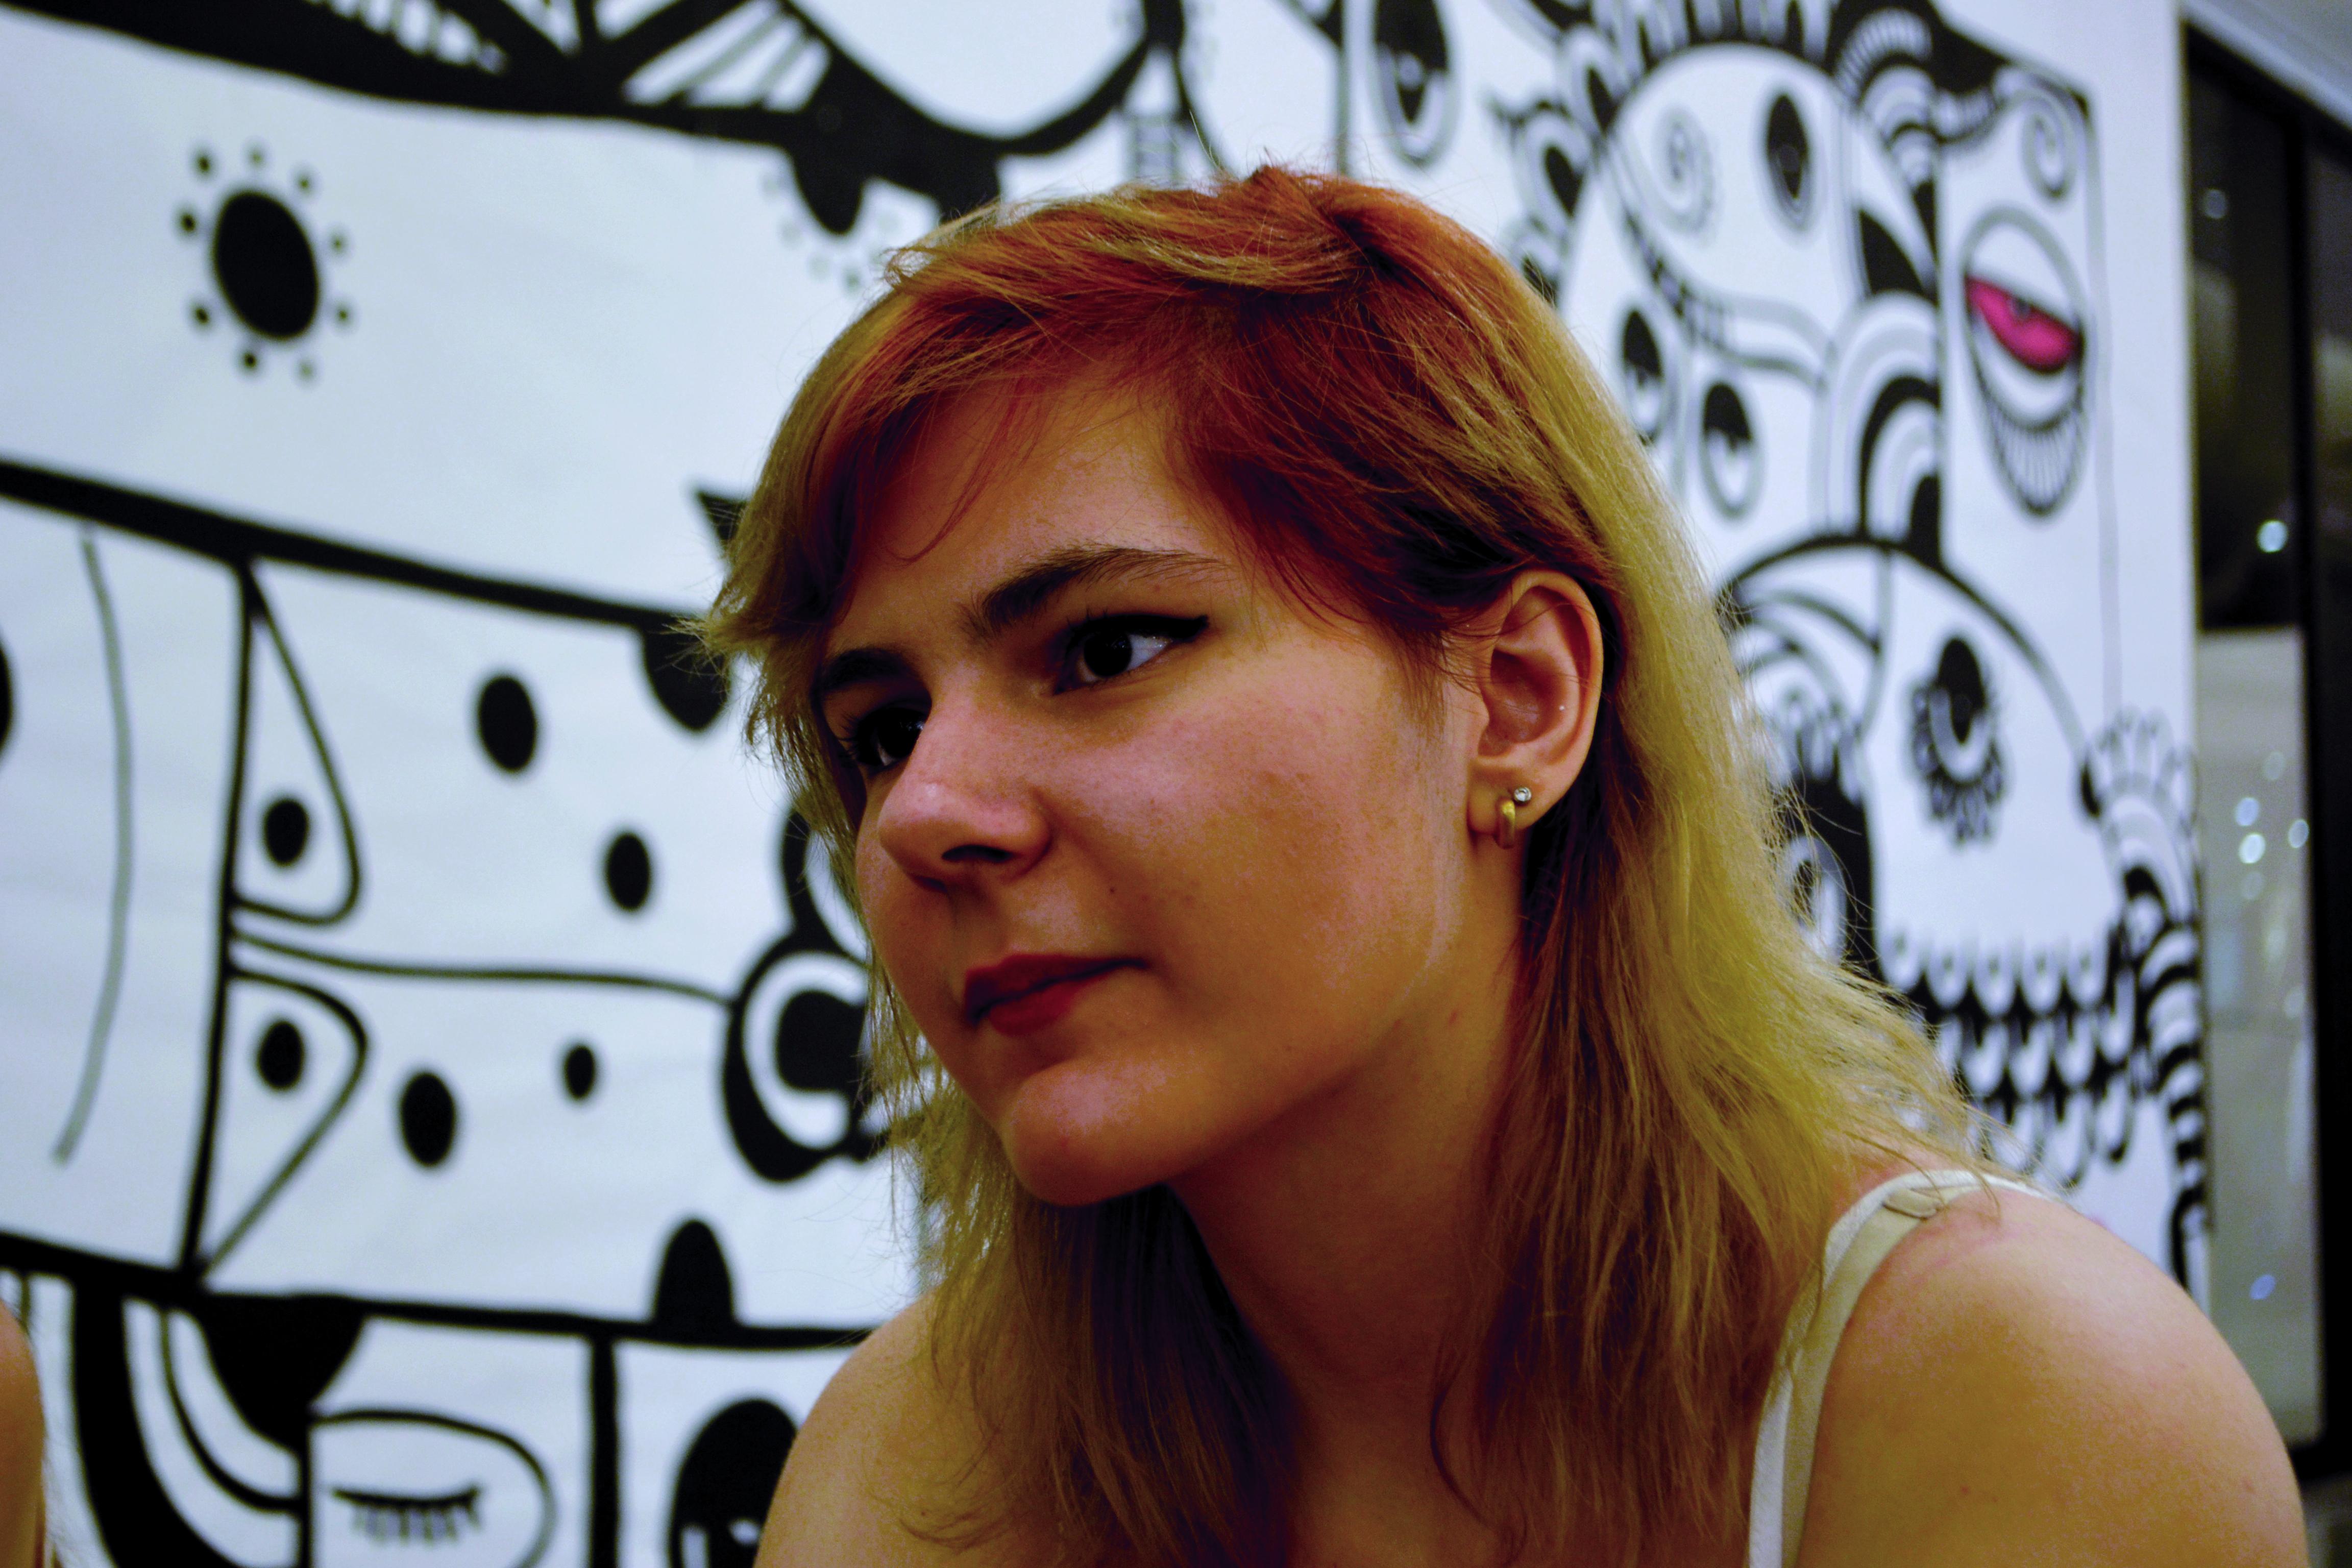 Anna Carolina Aurili, a Chiszen, compartilha suas partidas online com seus seguidores (Foto: Fernanda Guillen)